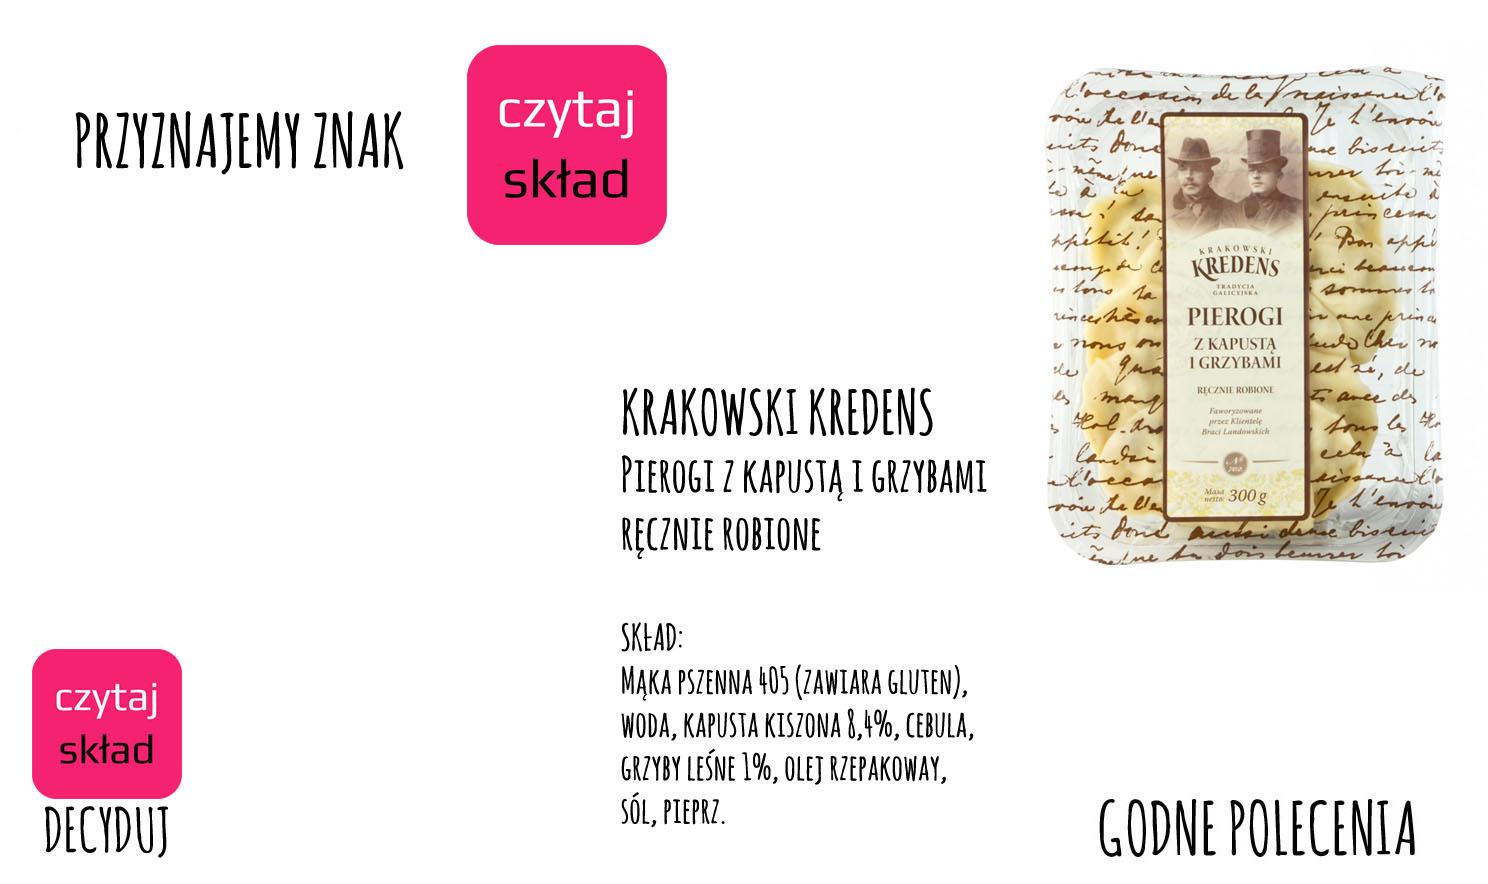 Krakowski Kredens - pierogi z kapustą i grzybami